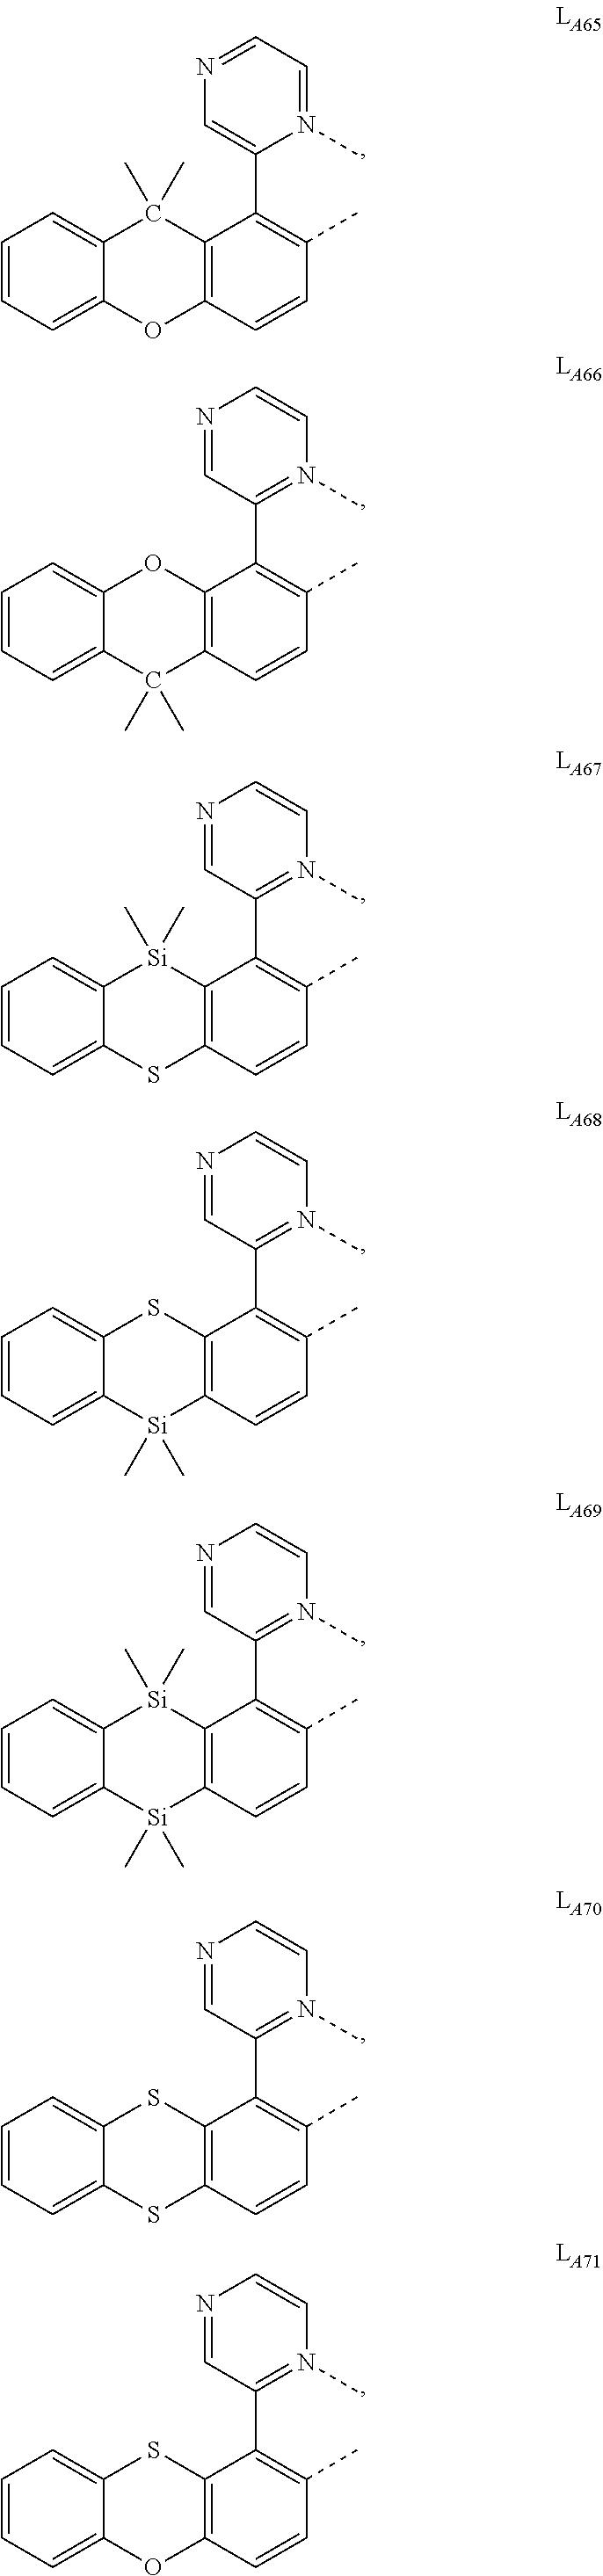 Figure US10153443-20181211-C00017